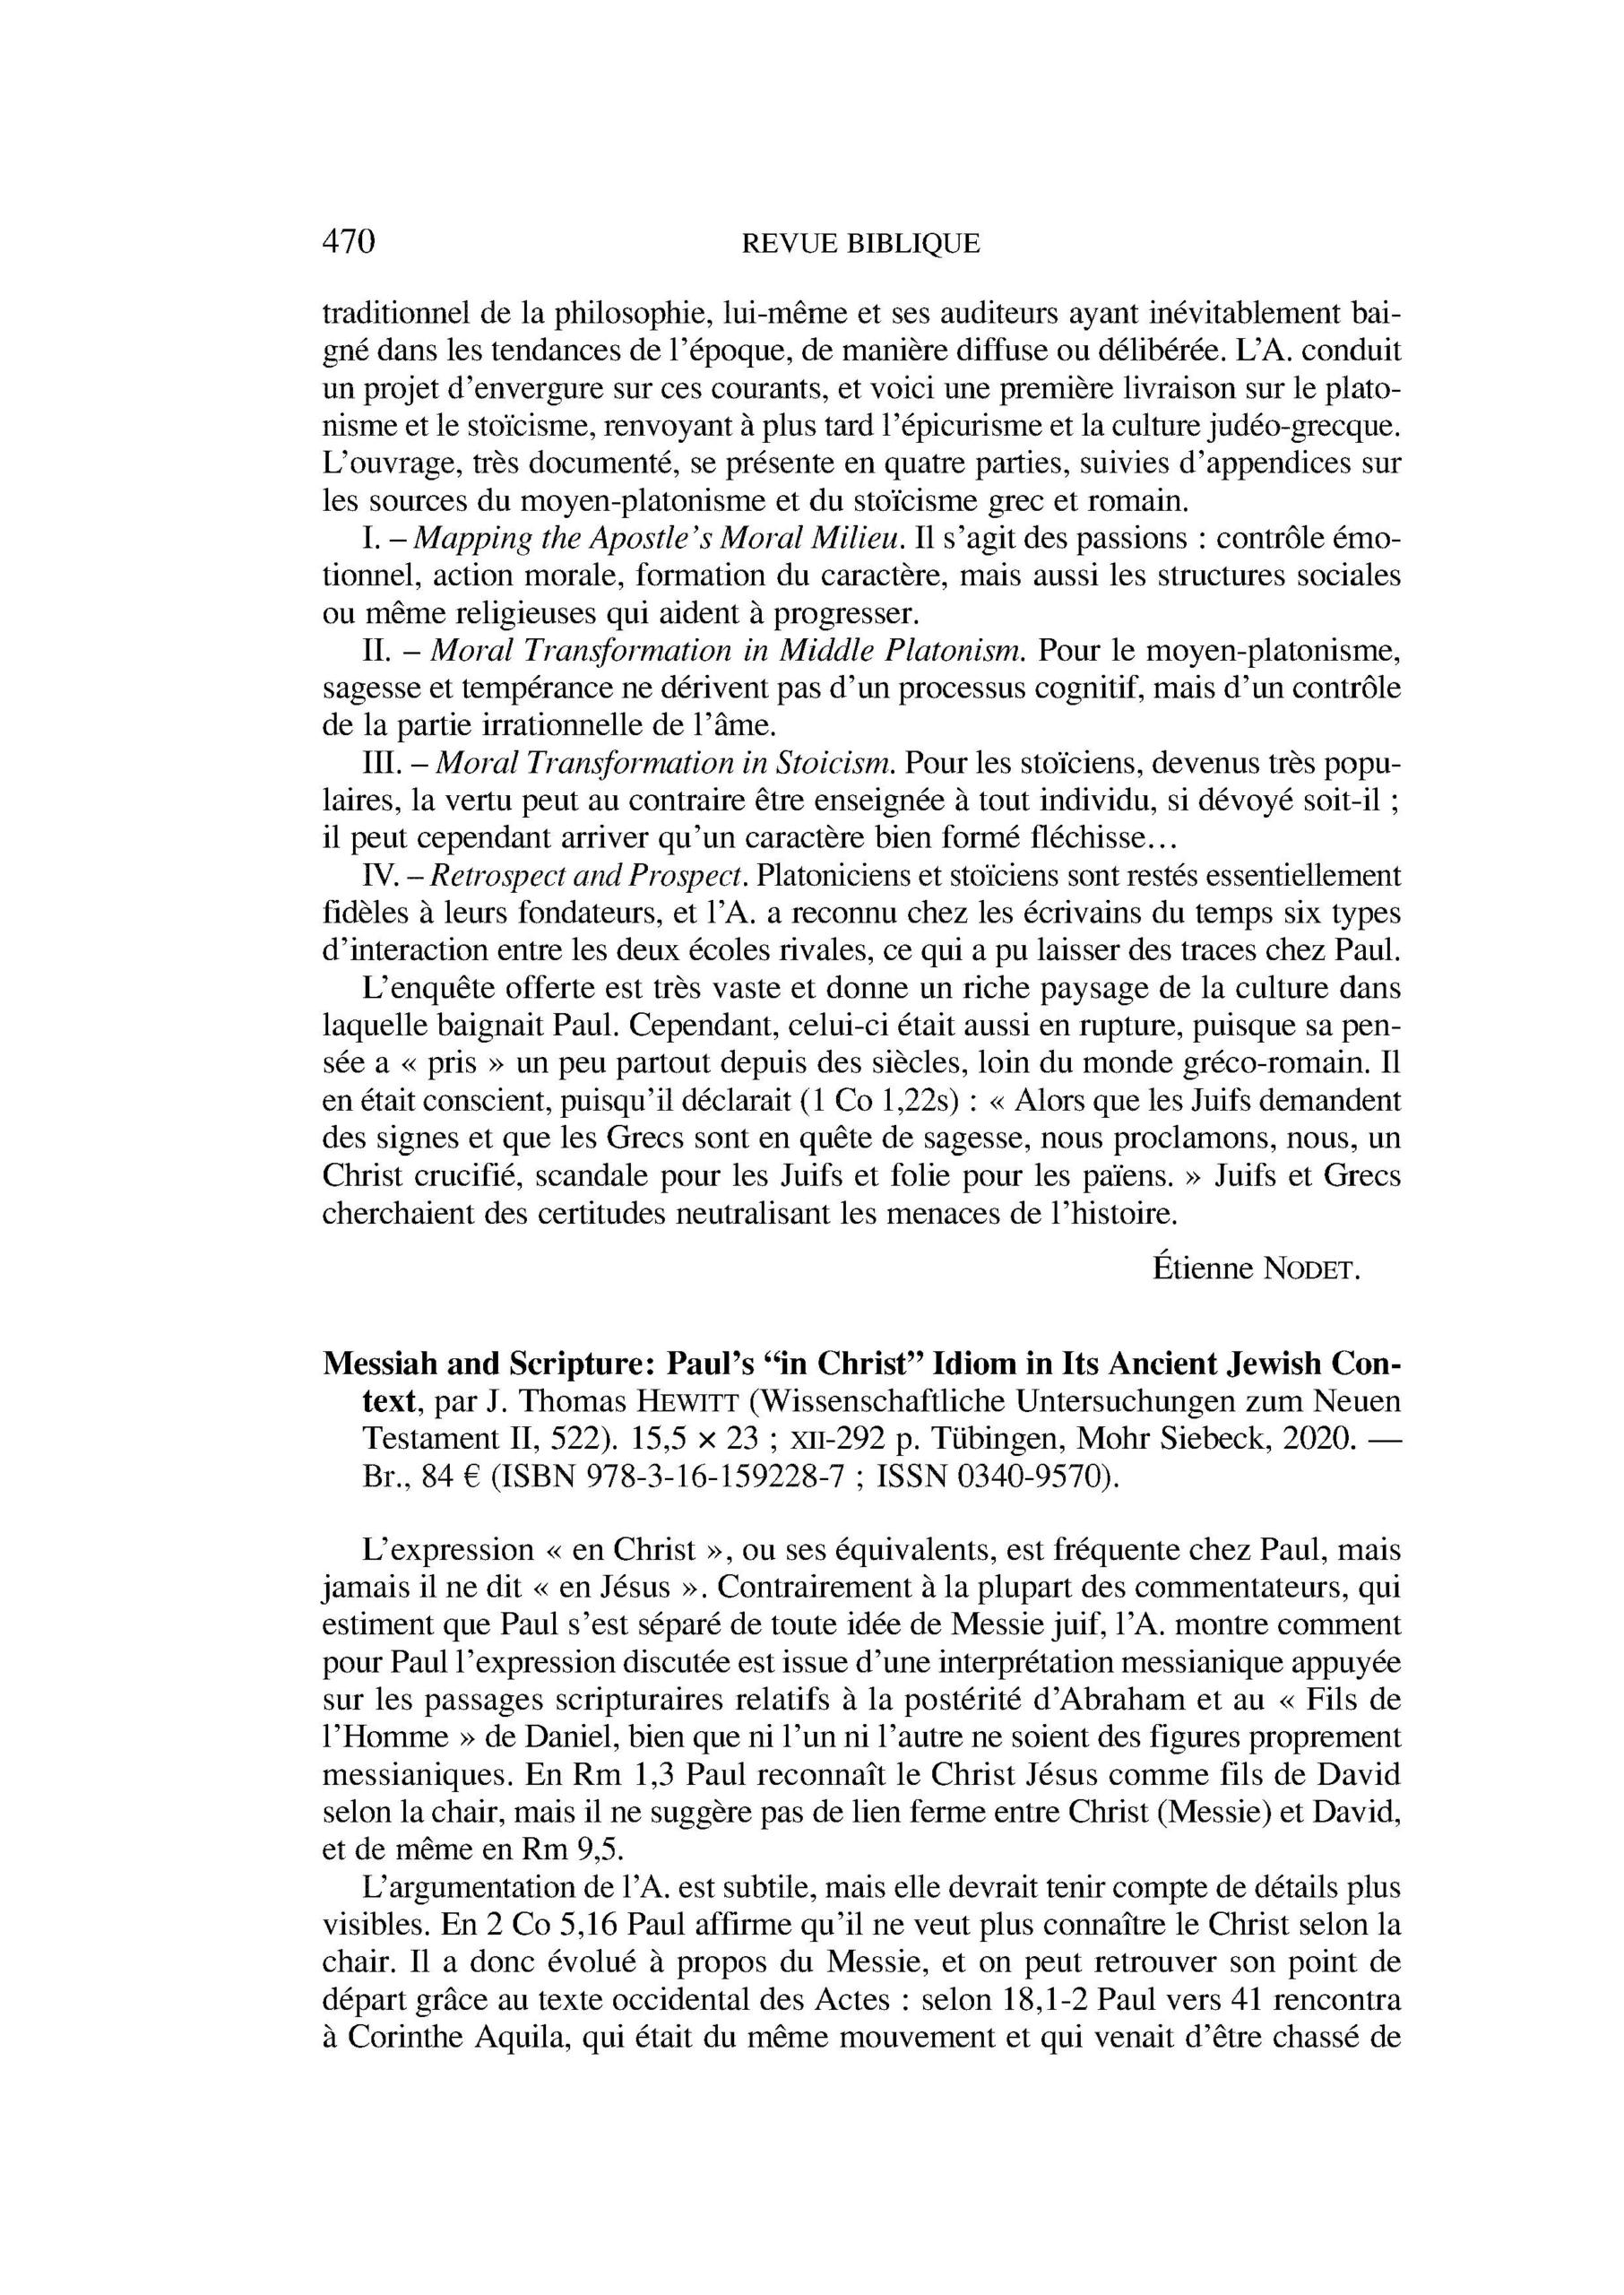 pg 2 of Nodet review